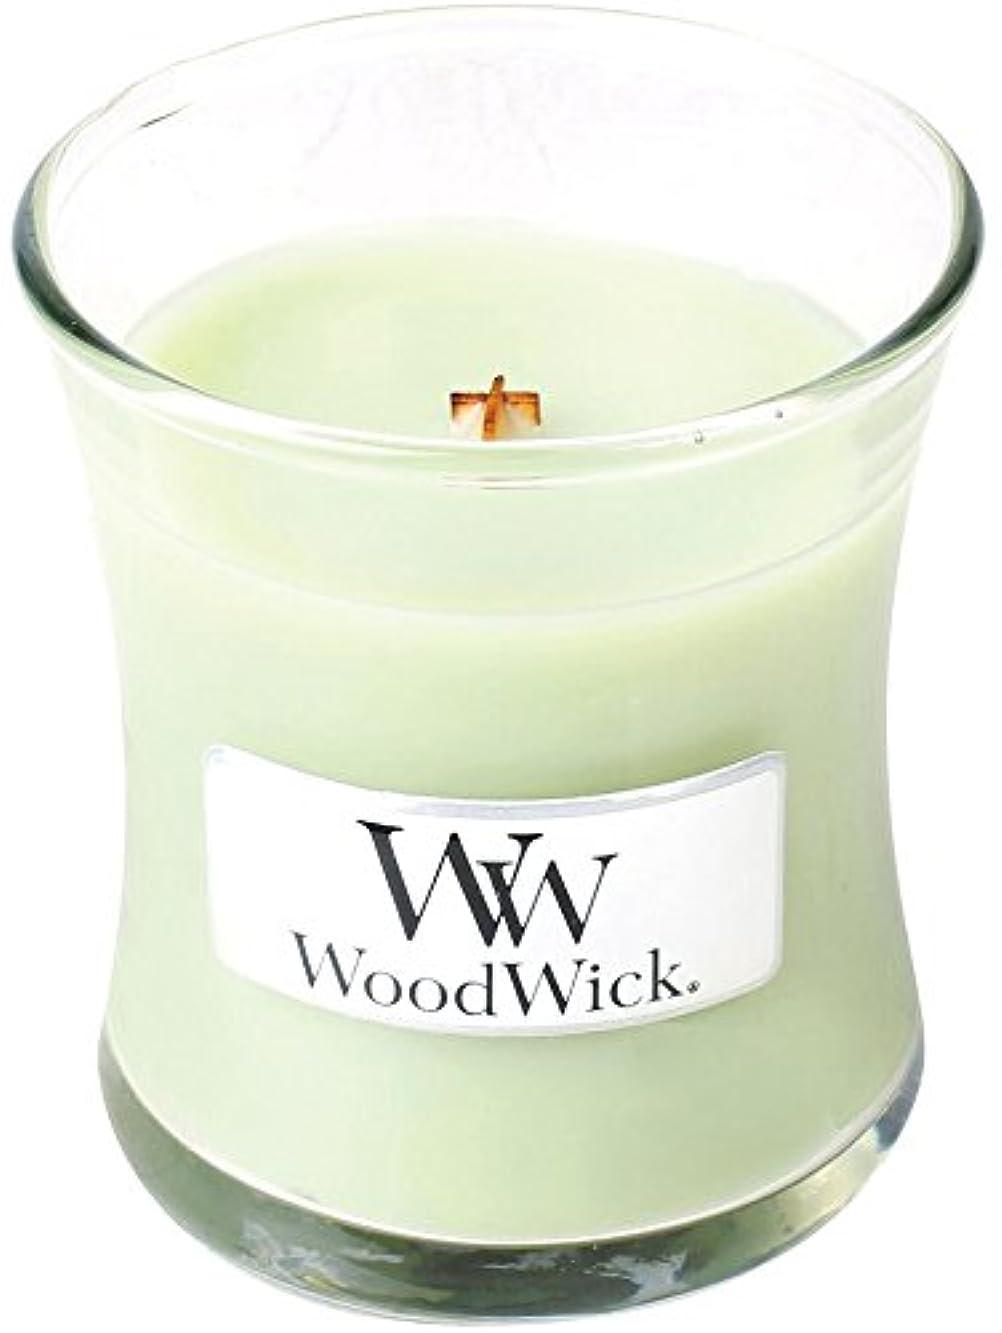 クルーズ共同選択例示するWood Wick ウッドウィック ジャーキャンドルSサイズ ライムジェラー